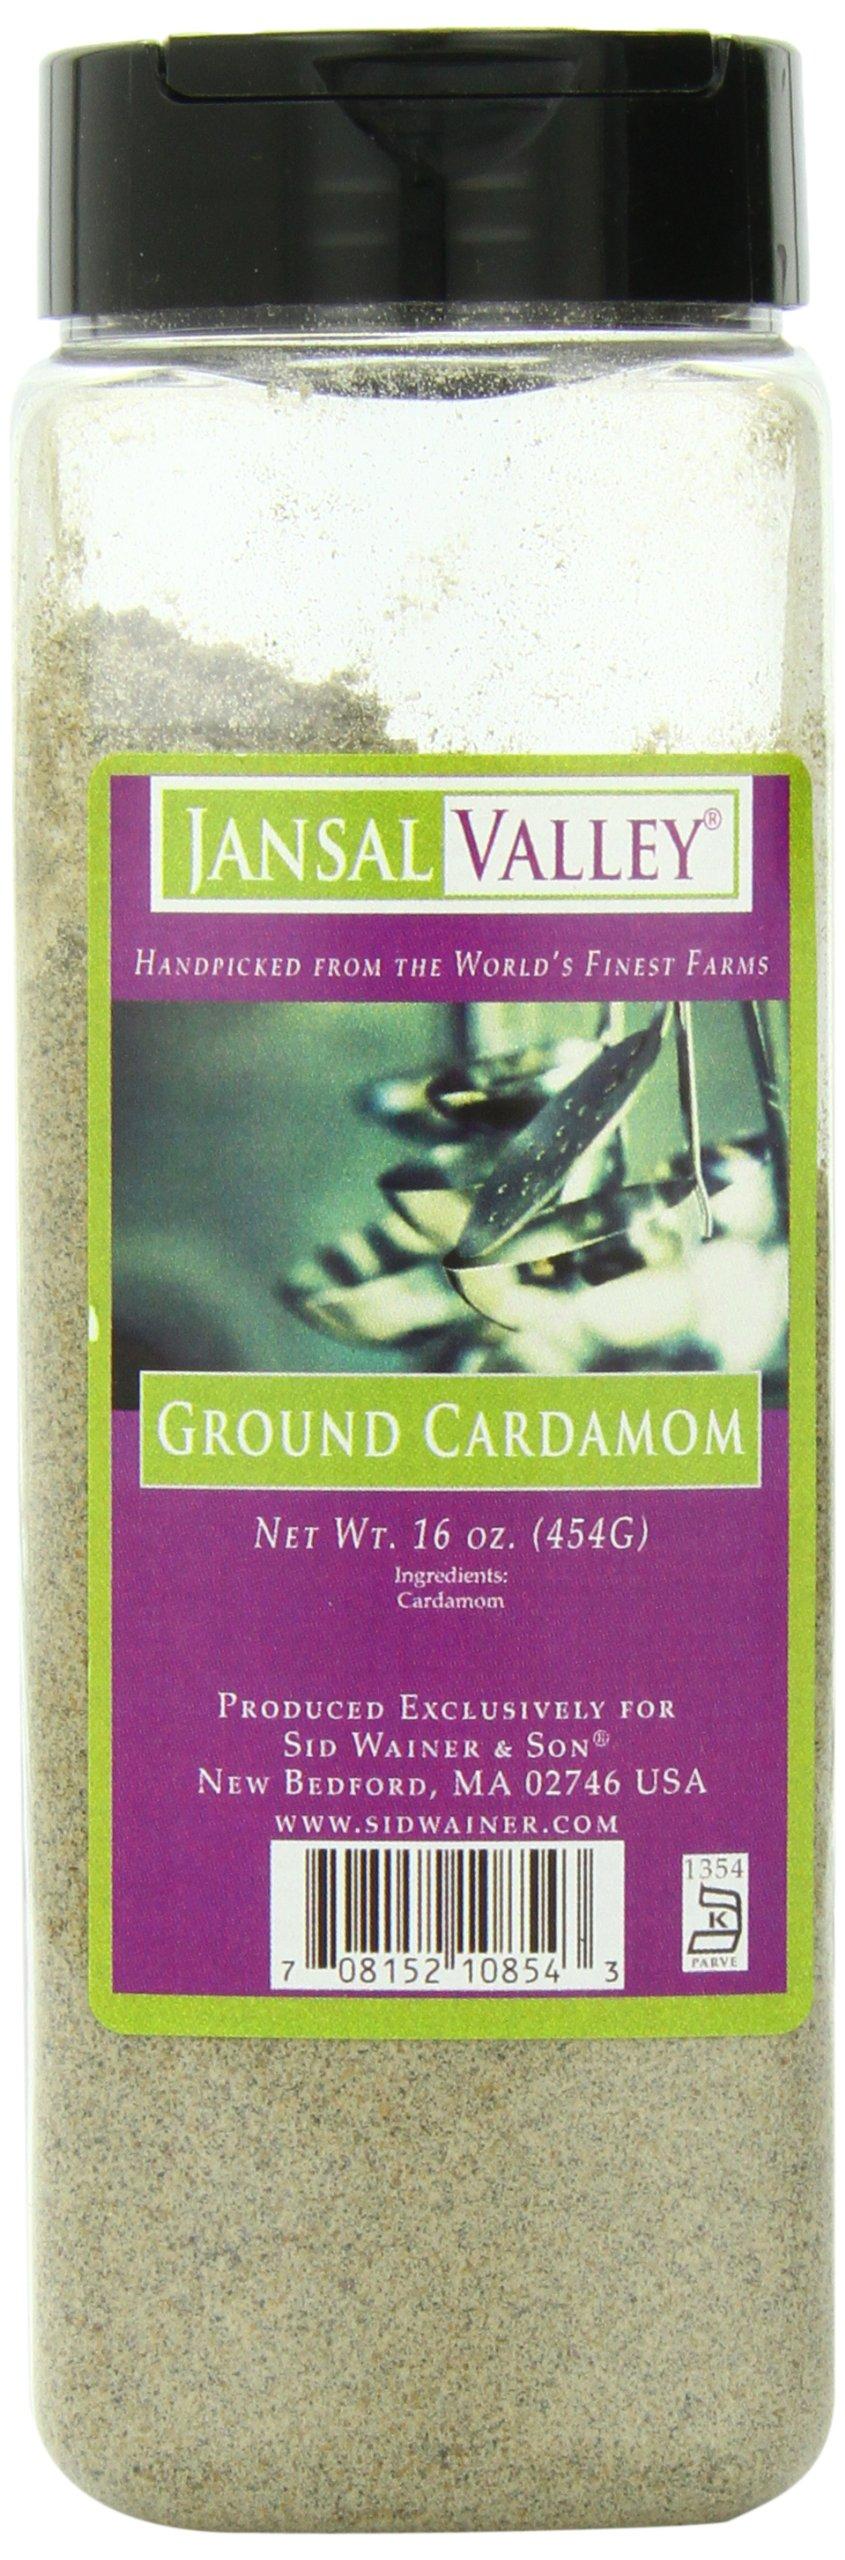 Jansal Valley Ground Cardamom, 16 Ounce